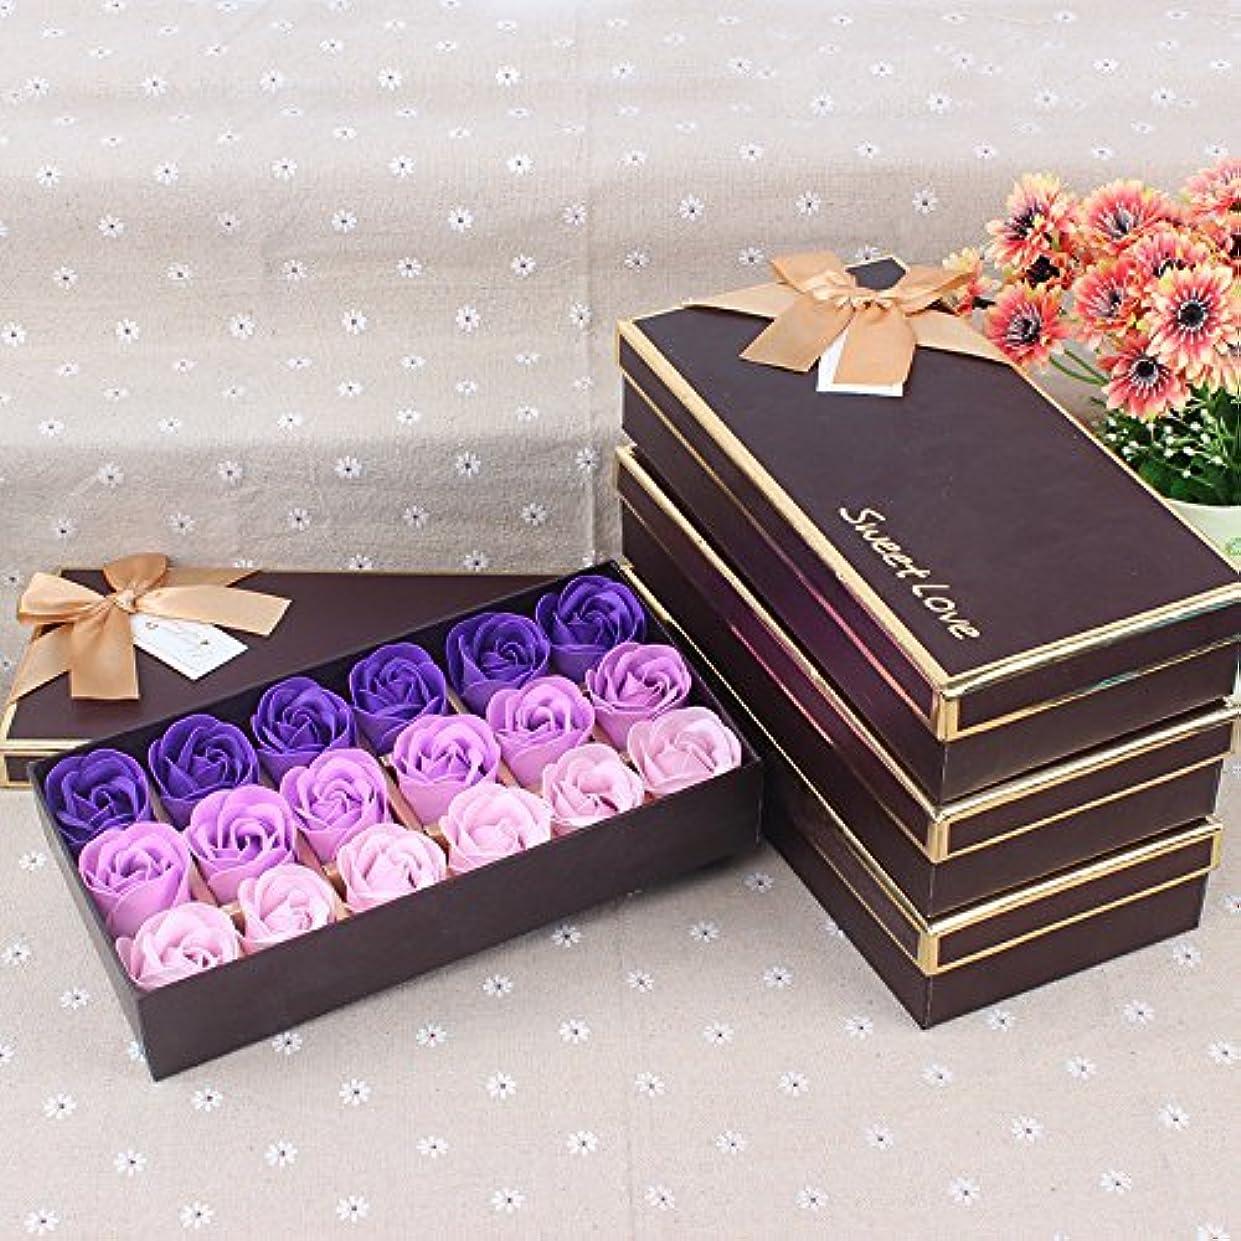 雄弁マーケティング襟Weryn(TM)結婚式のためのギフトボックスバレンタインデーの愛の贈り物で18バラセット香りの入浴ソープローズソープ花びら[Purplegradient]